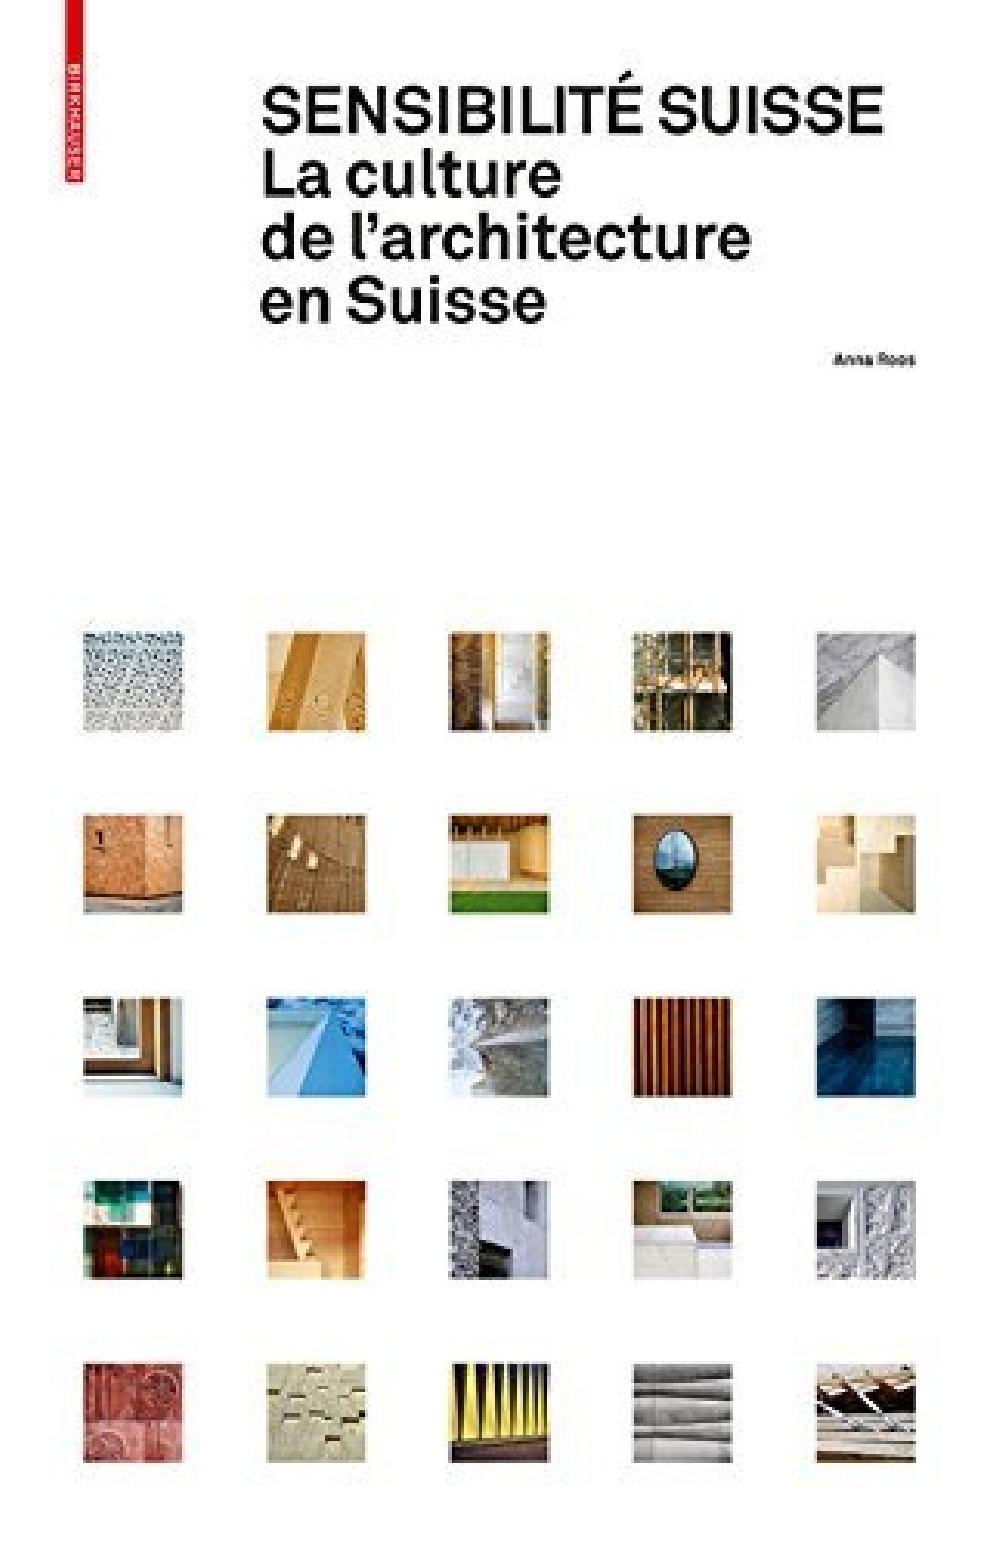 Sensibilité suisse. La culture de l'architecture en Suisse